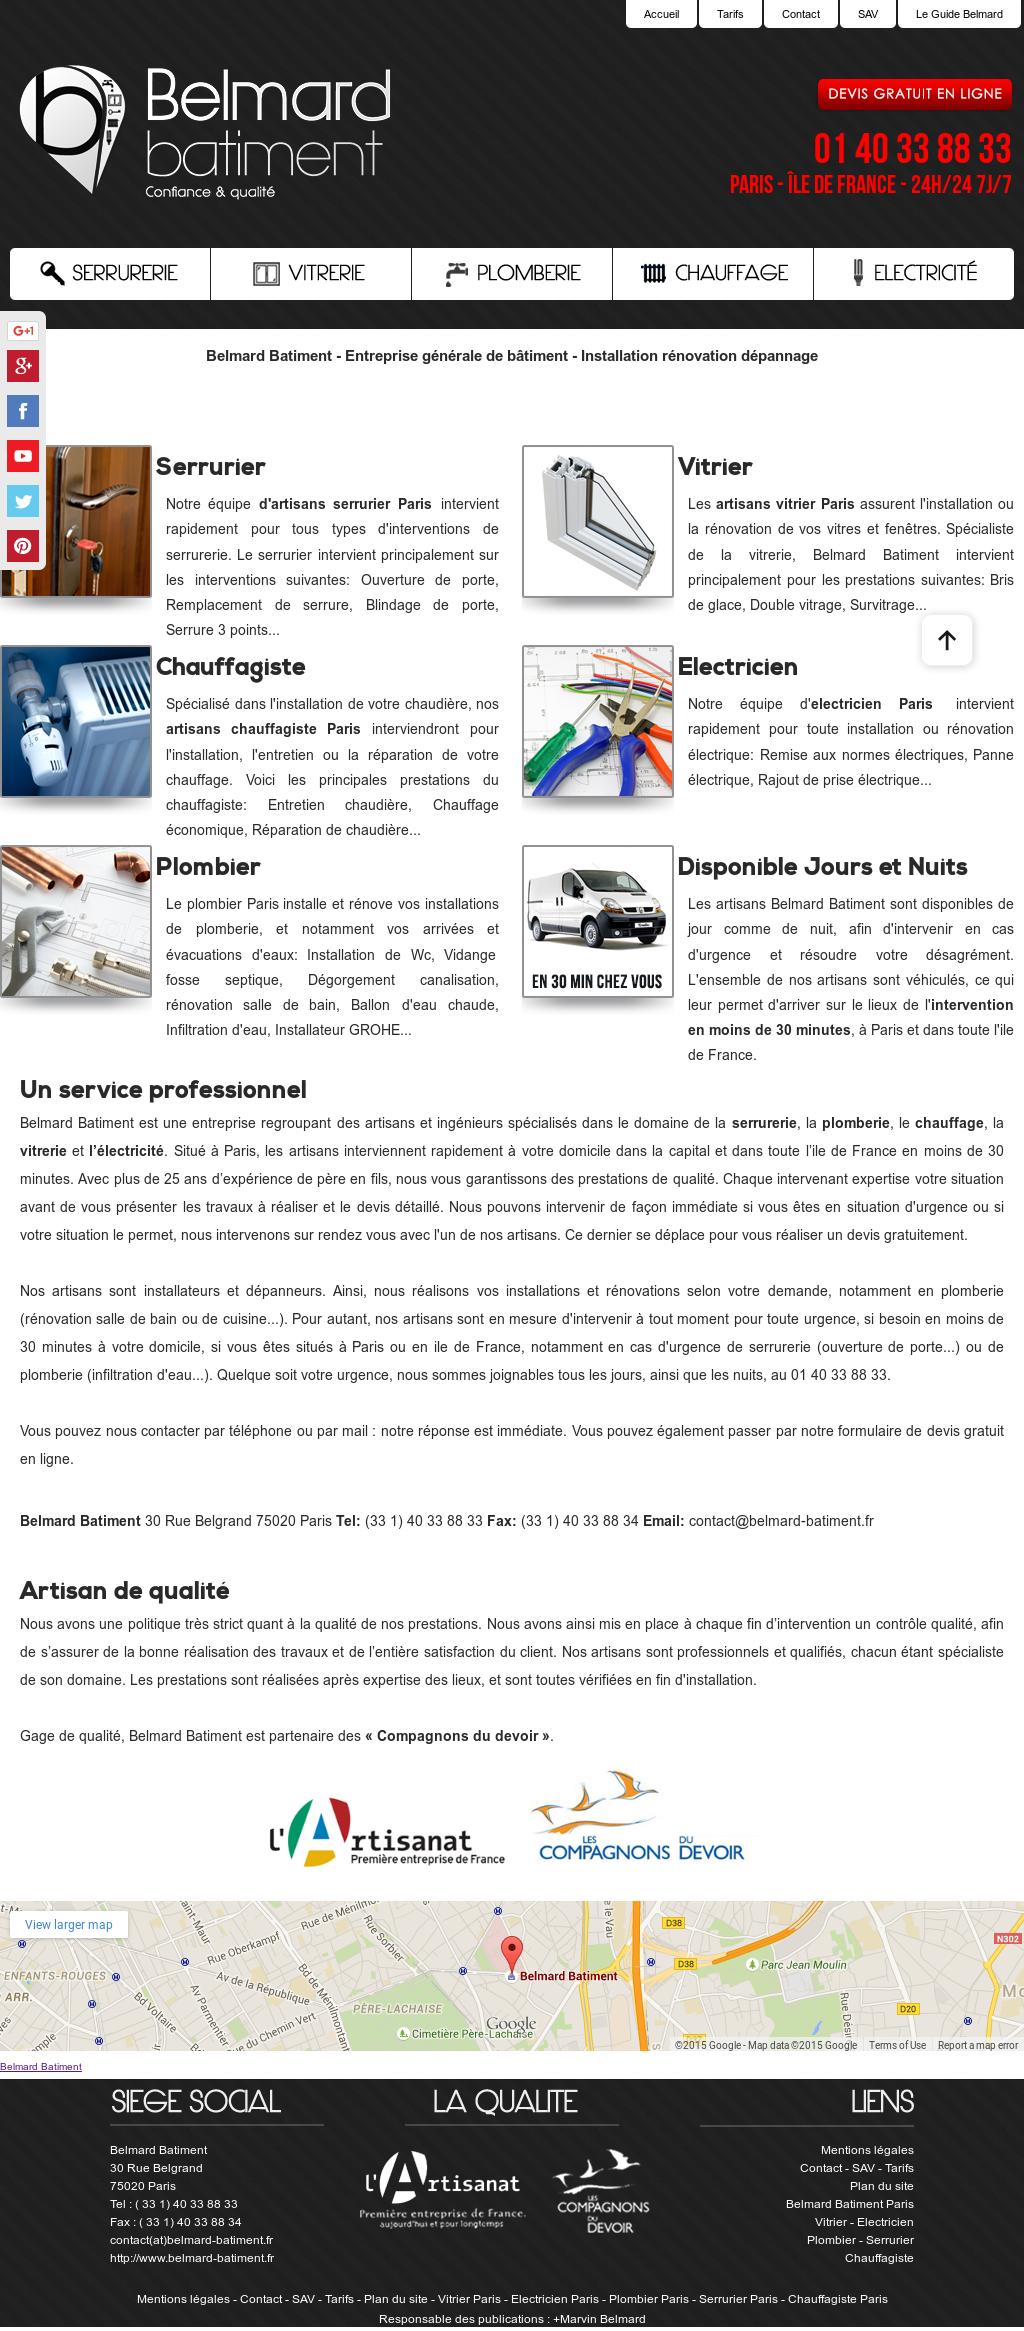 Artisan Qualifié Du Batiment belmard batiment competitors, revenue and employees - owler